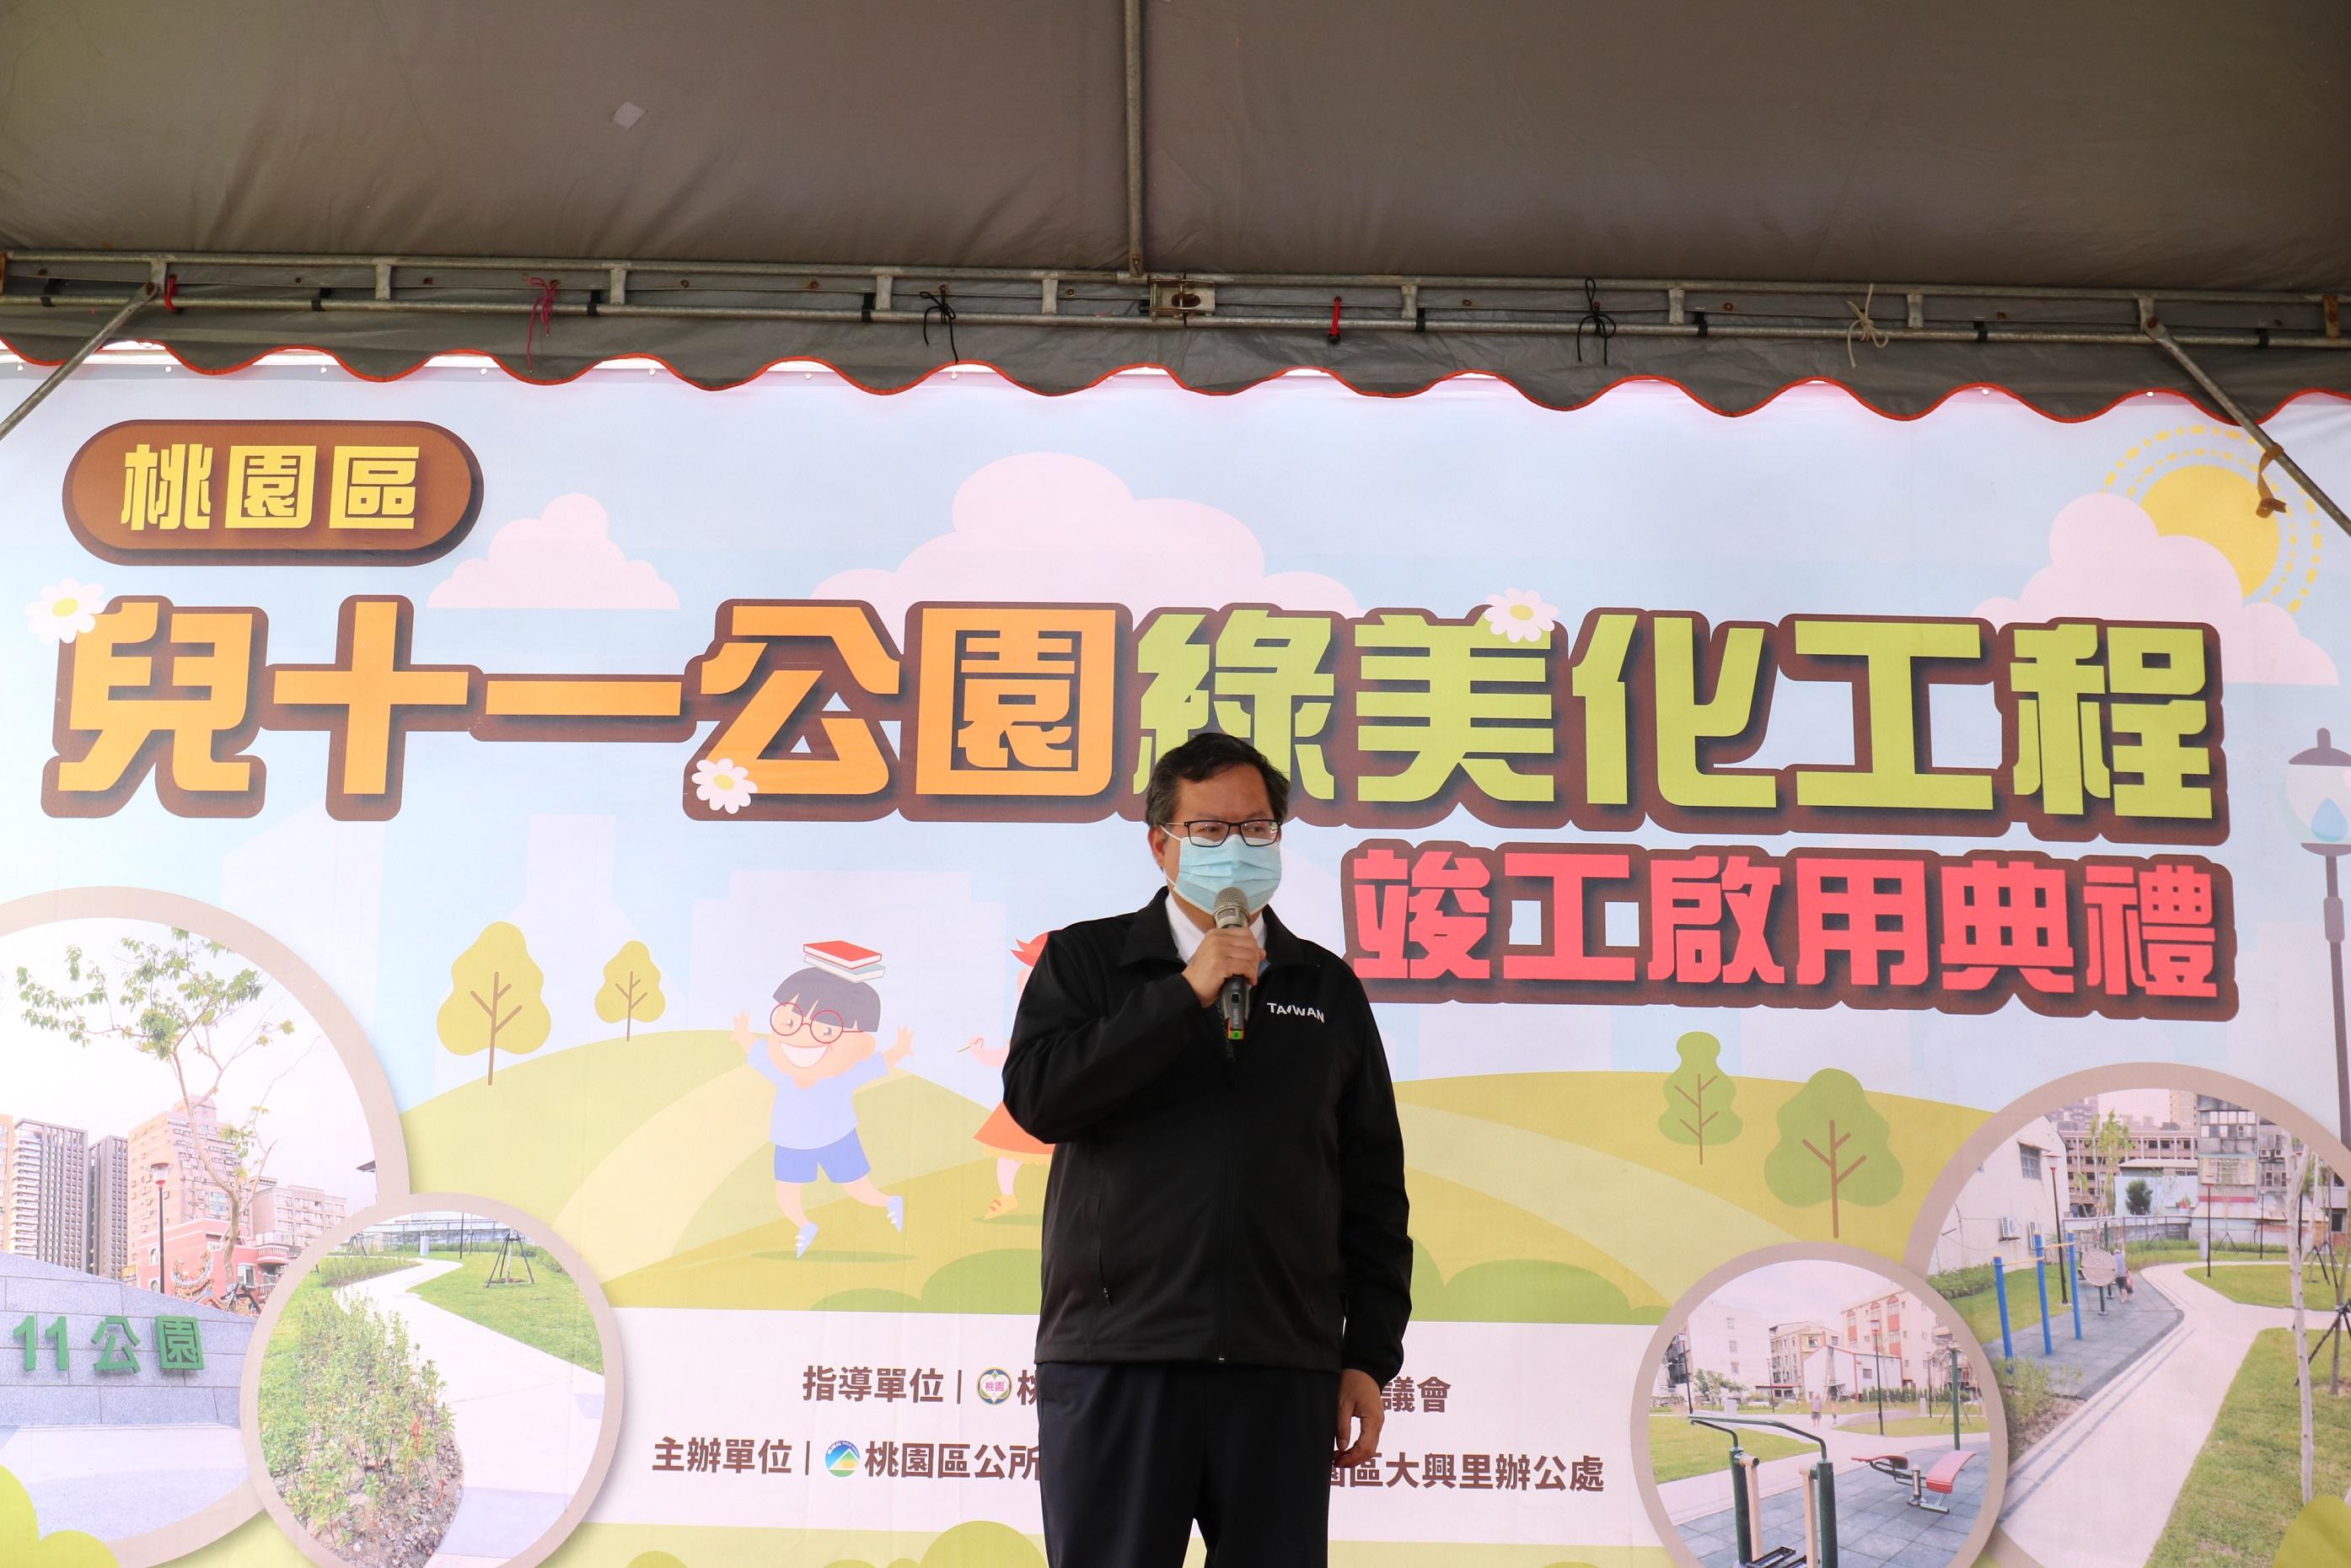 鄭市長親自到場主持啟用典禮。